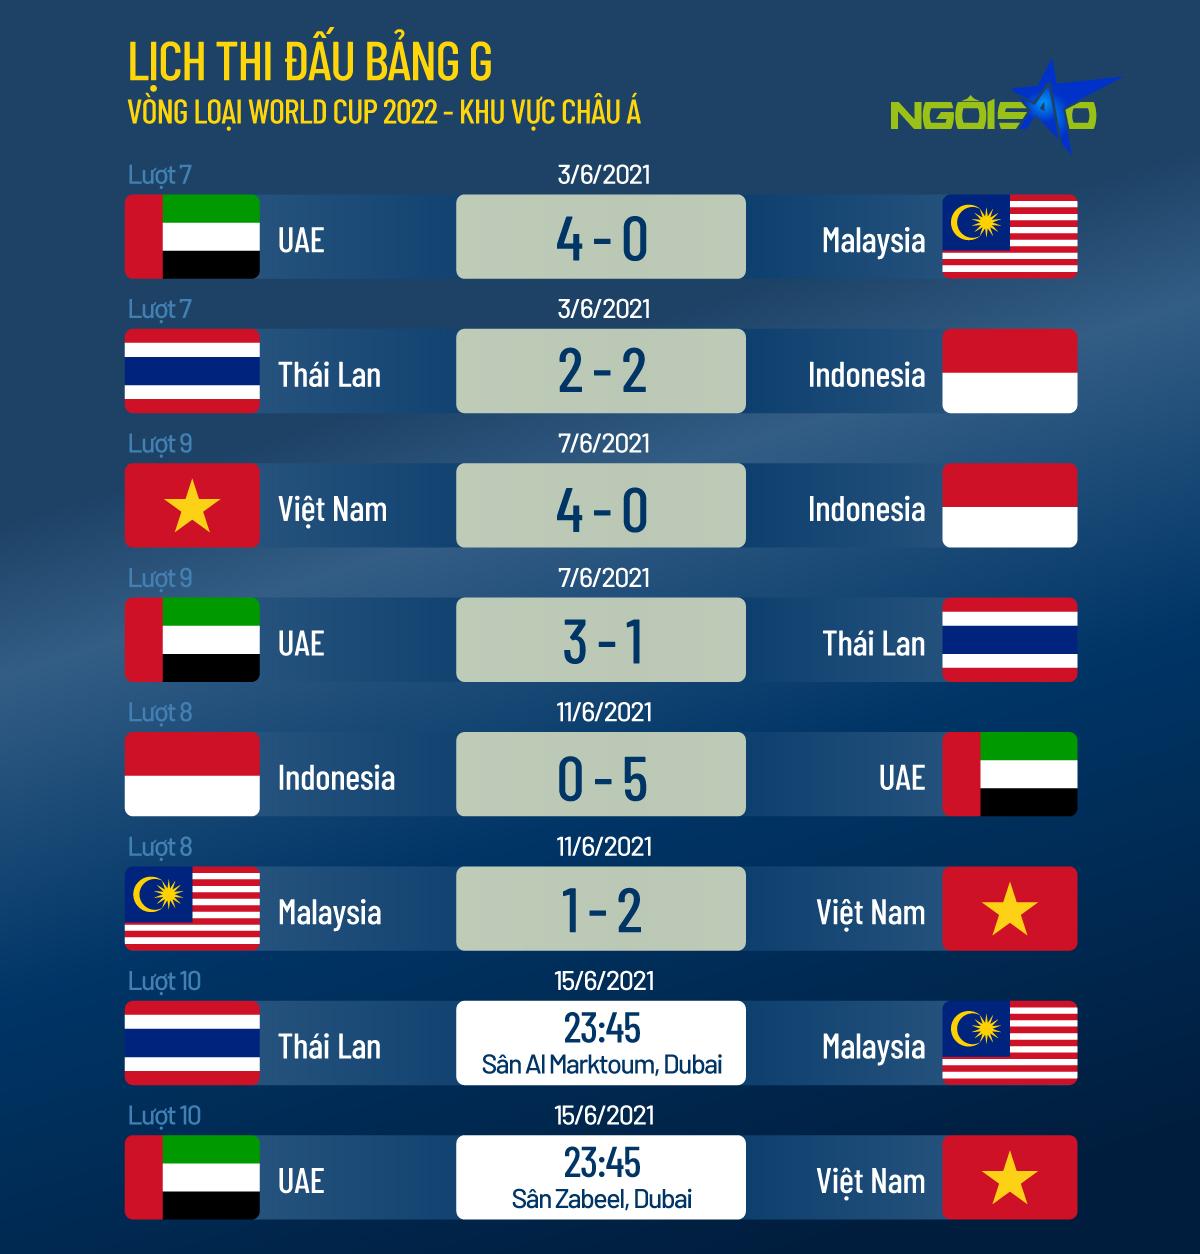 CĐV UAE đoán tuyển Việt Nam thua 0-70 - 1